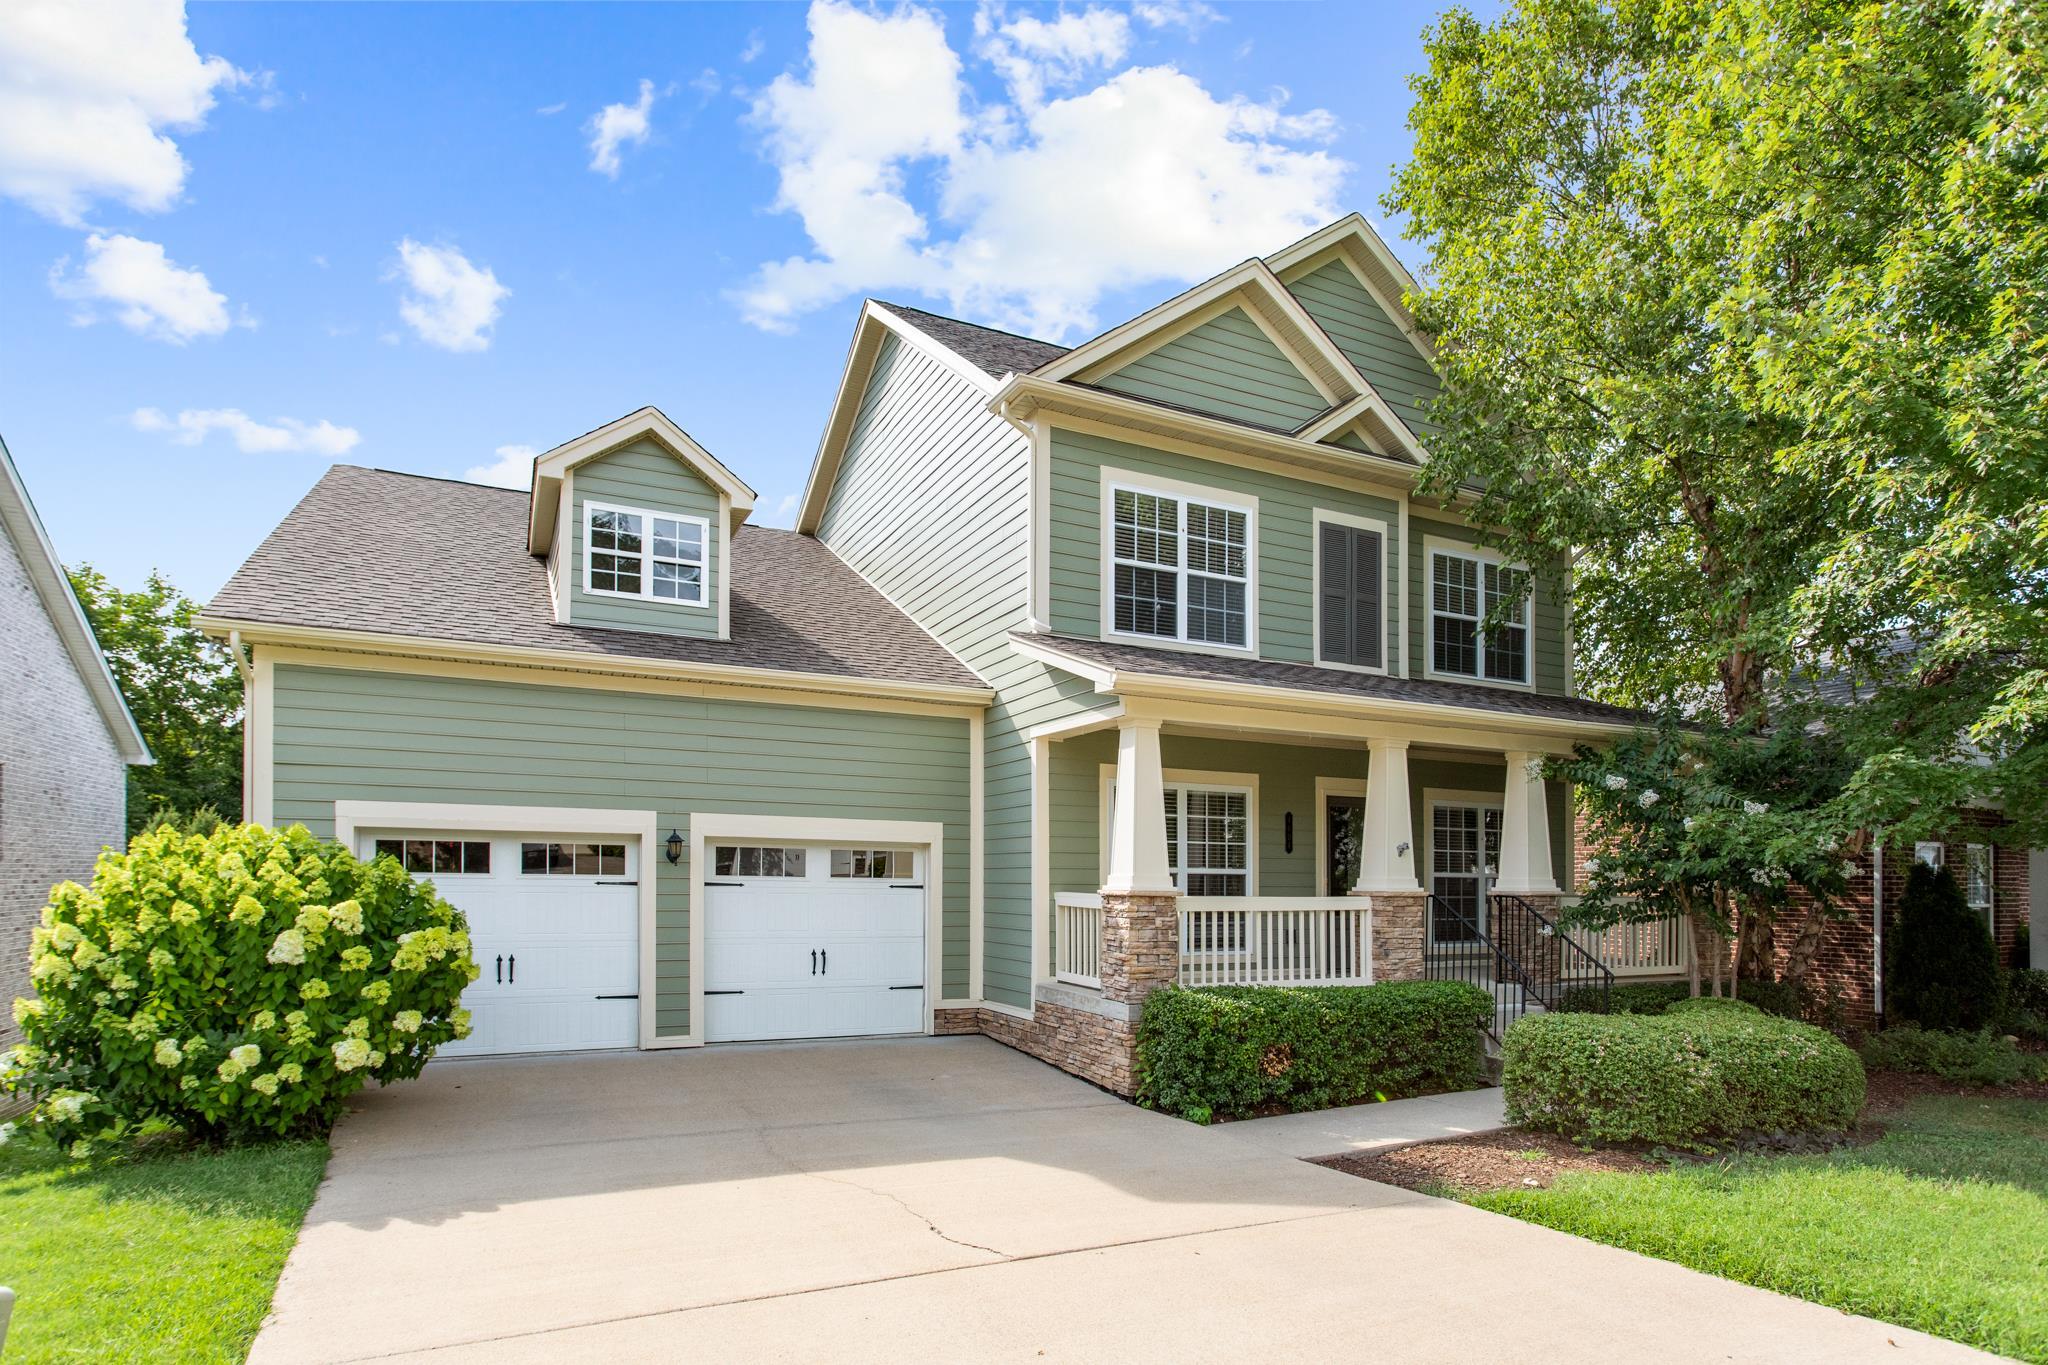 Bent Creek Ph 5 Sec 1 Real Estate Listings Main Image